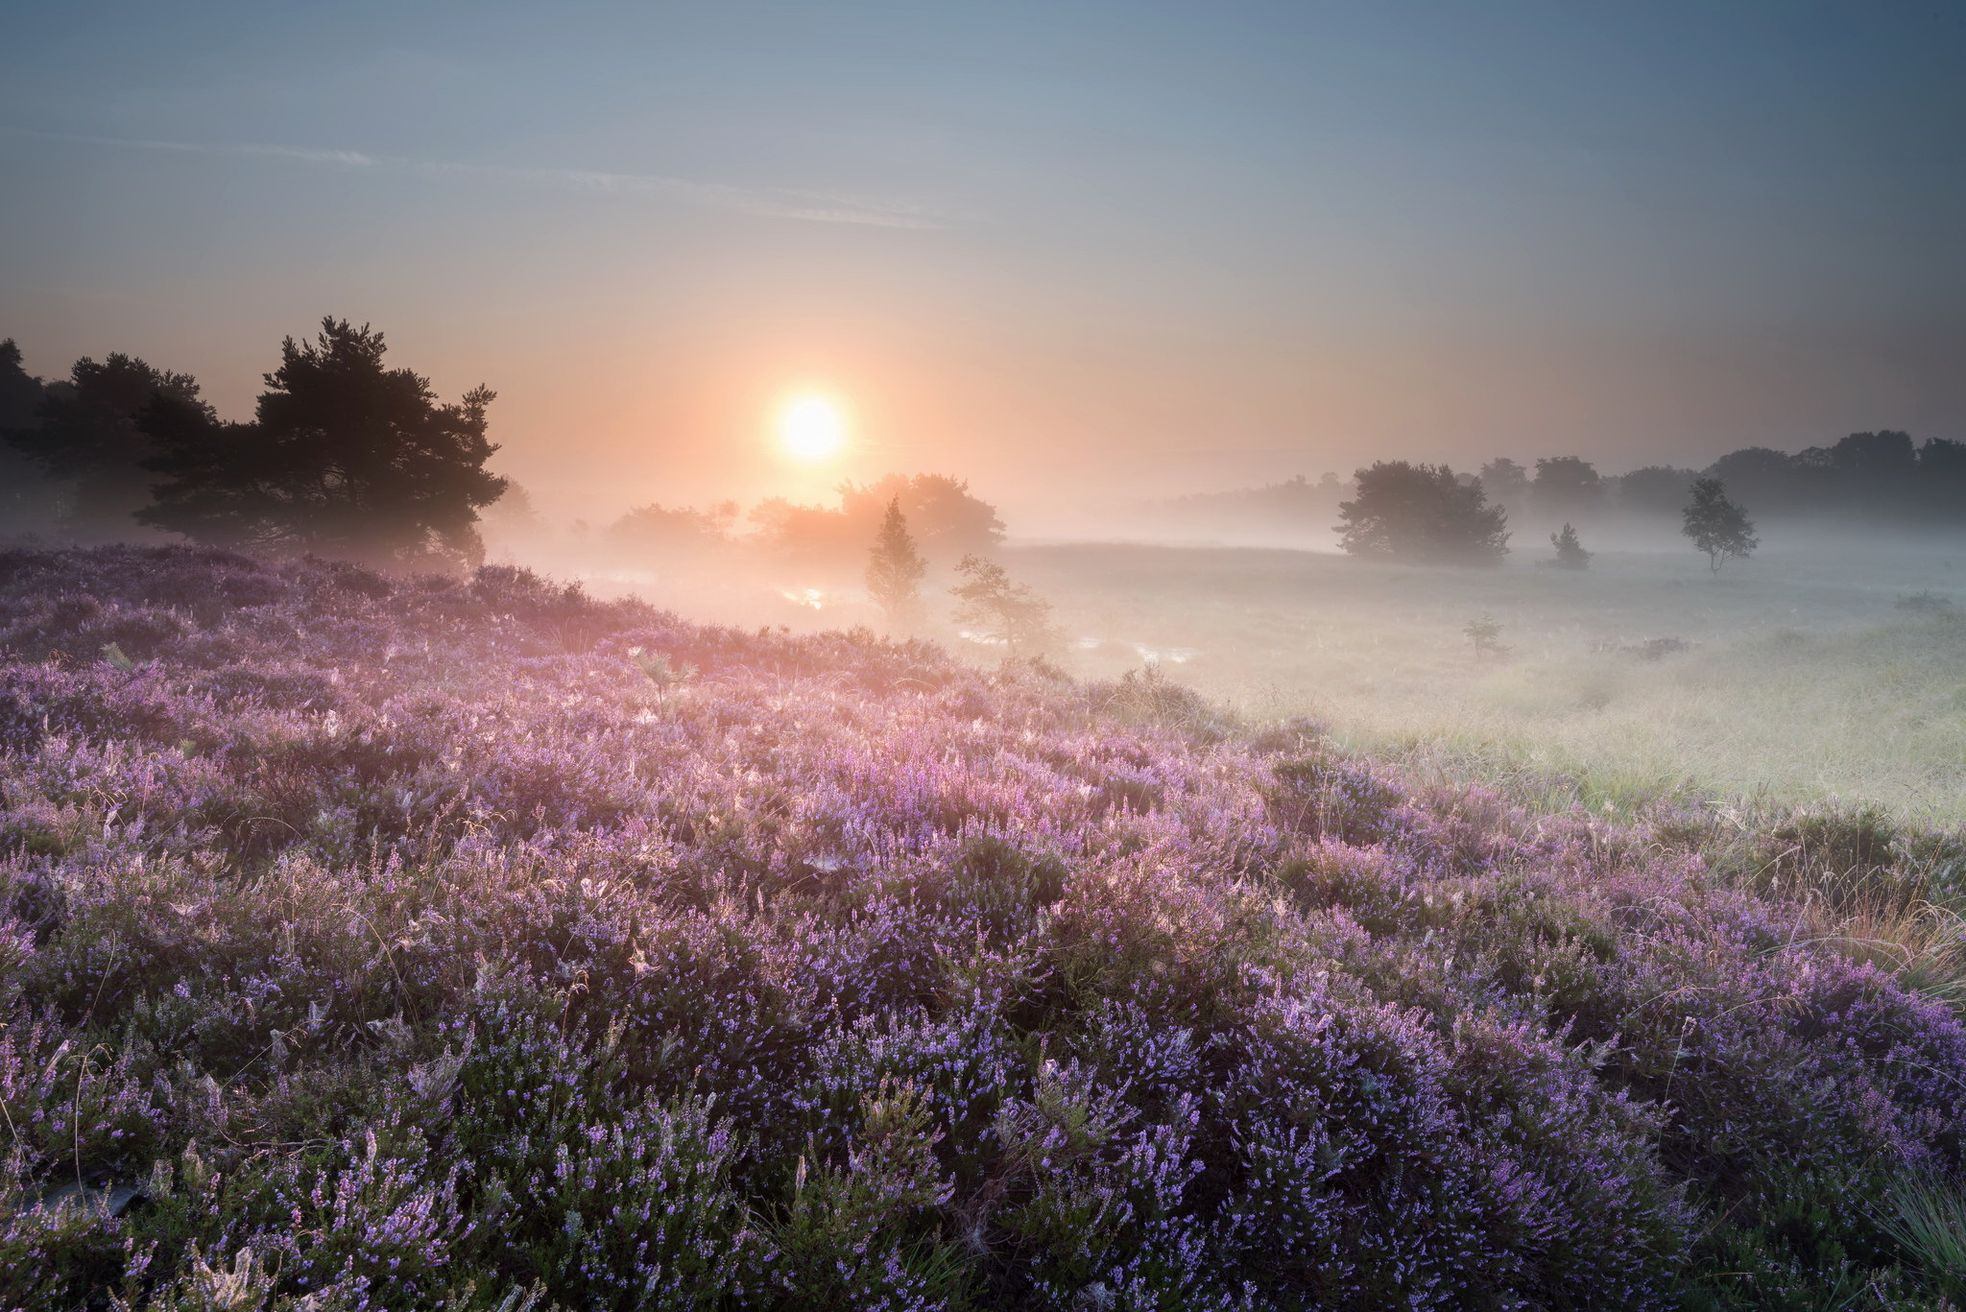 его красивые фото пейзаж сад в тумане ставьте такую тыкву